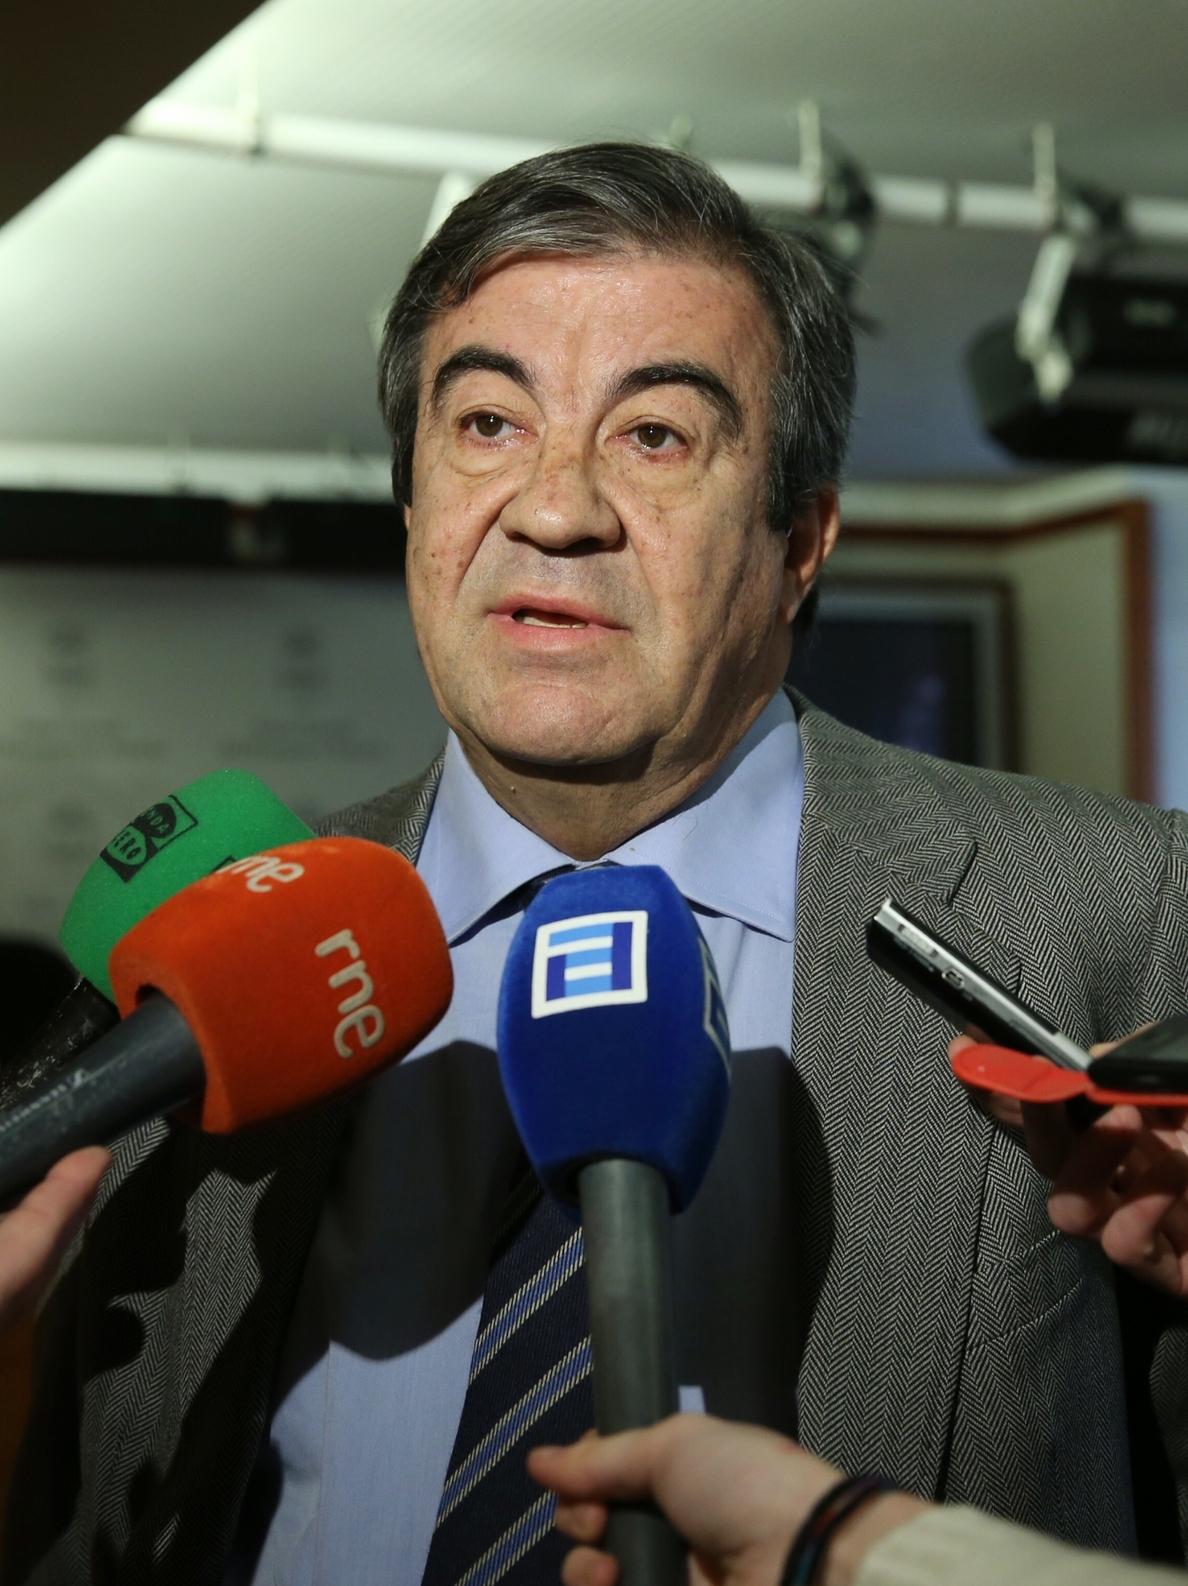 Cascos cree «admirable» la movilización de los leoneses en defensa del AVE Madrid-Asturias